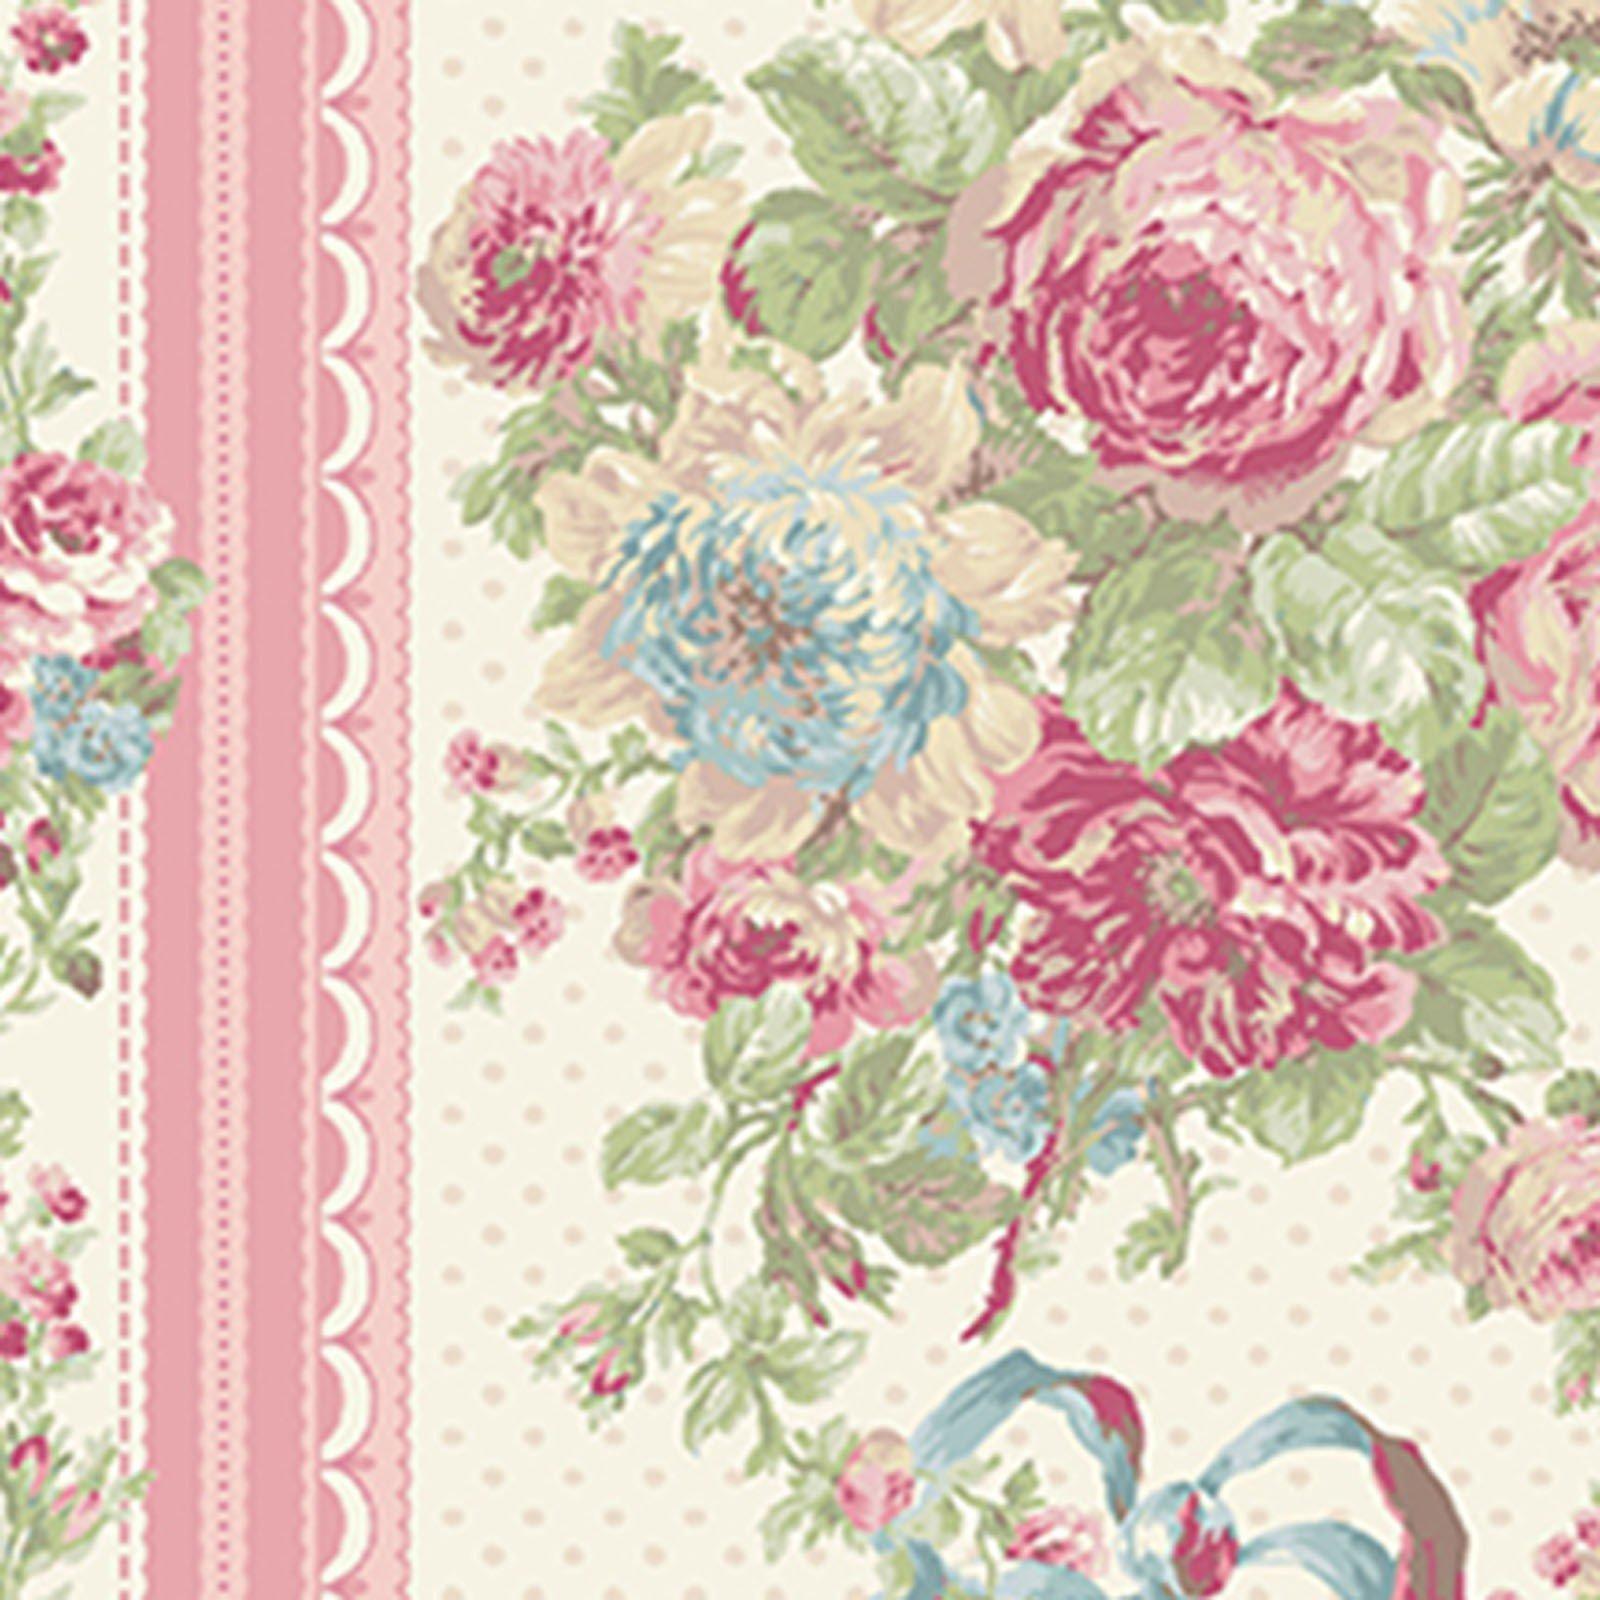 Ruru Bouquet - Rose Stripe Ecru<br/>Quilt Gate 2200-12B